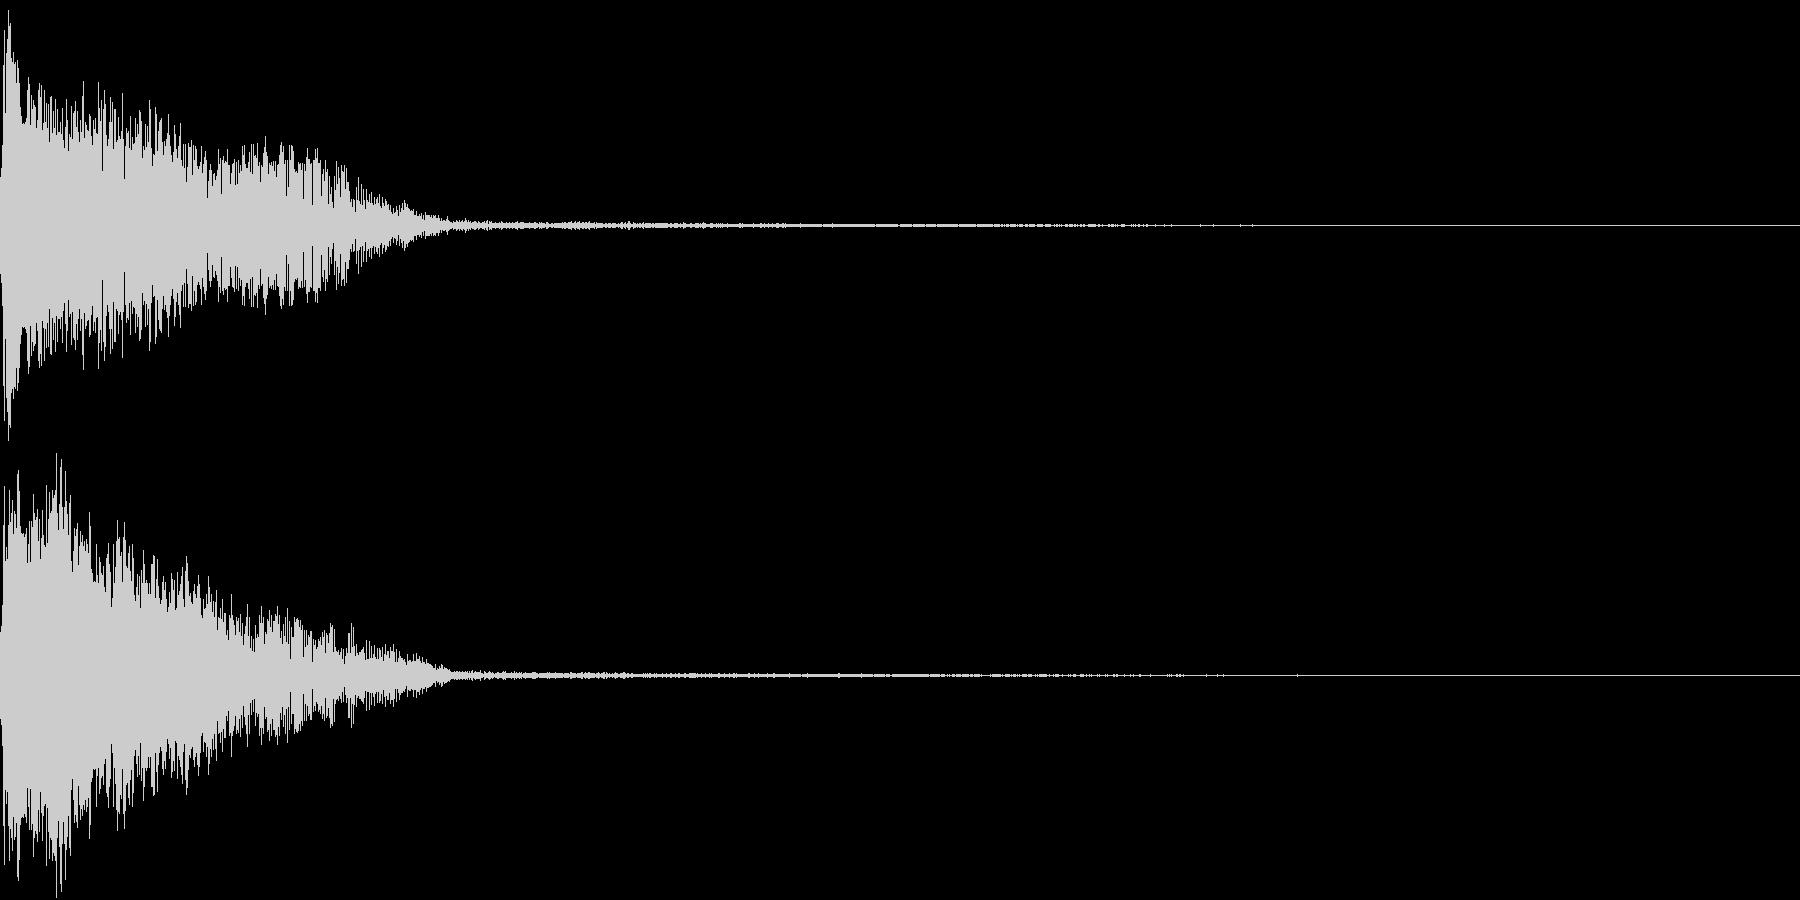 InvaderBuzz 発砲音 1の未再生の波形